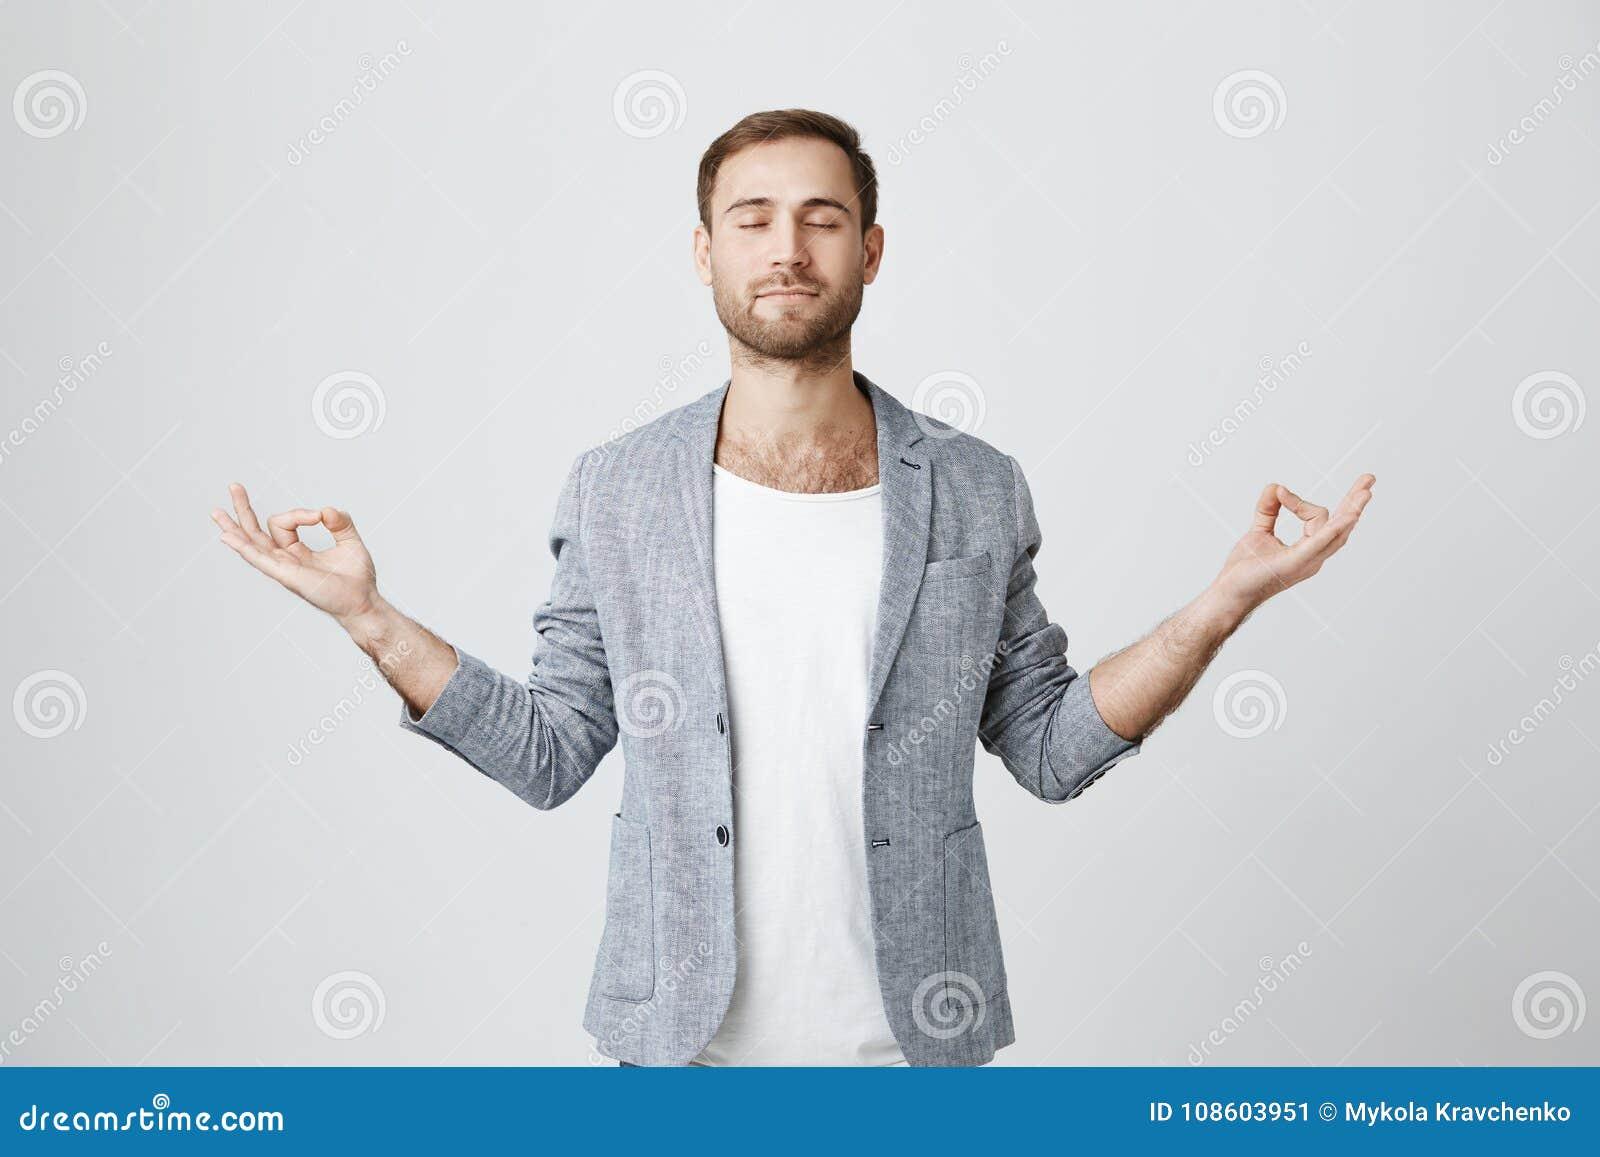 Yoga en meditatie De knappe mens met baard kleedde zich in jasje die ogen gesloten houden terwijl het mediteren, ontspannen voele